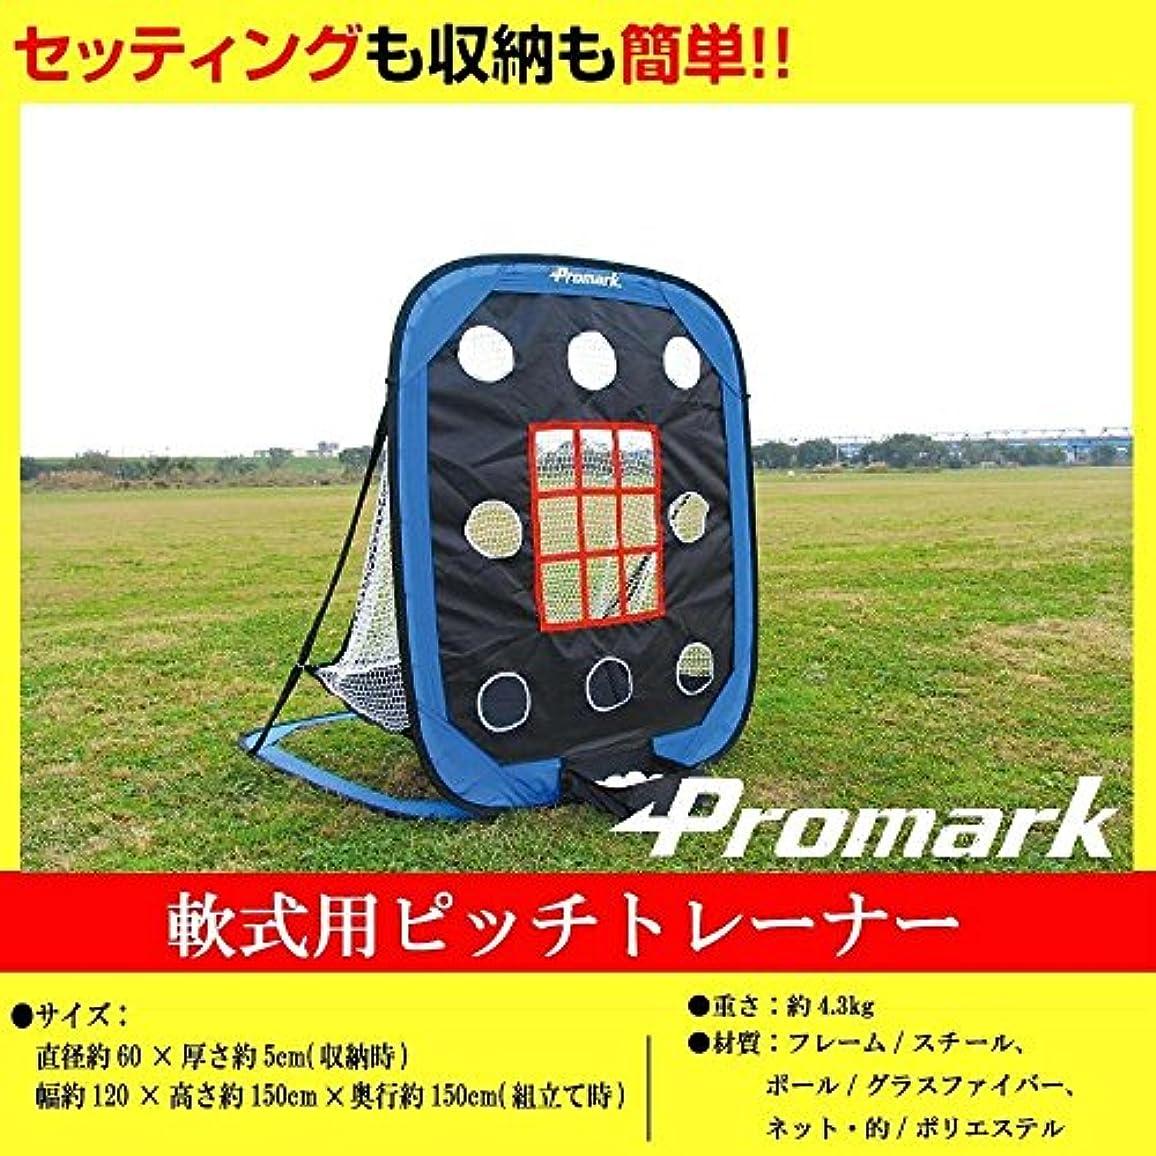 フェデレーション強化する洞窟Promark プロマーク 軟式用ピッチトレーナー PN-300